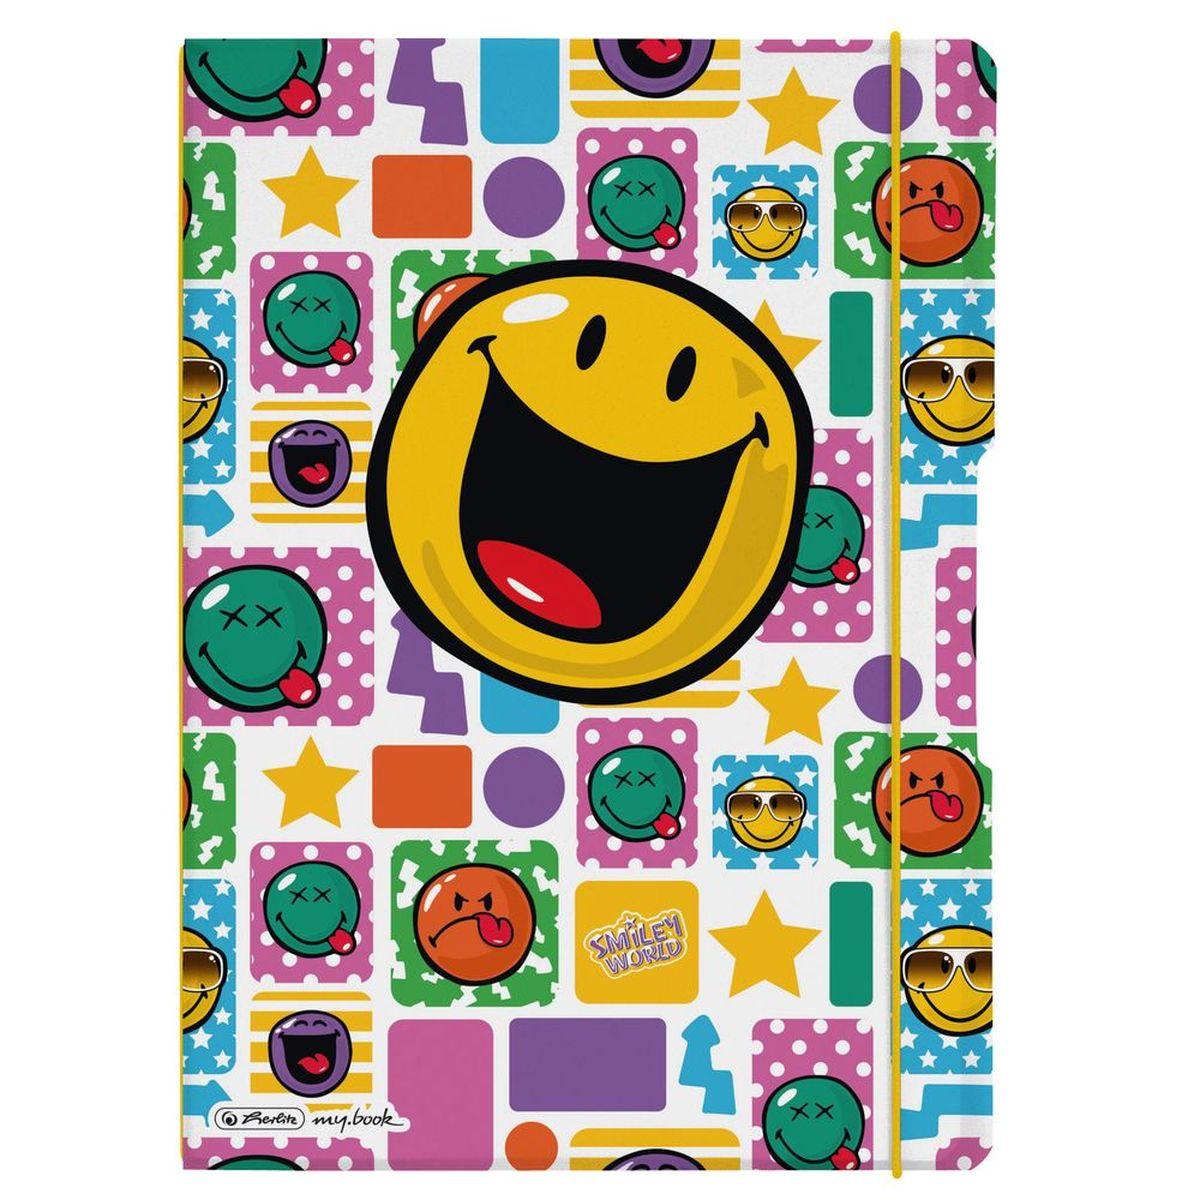 Herlitz Блокнот my.book Flex Smiley Happy 80 листов в клетку/линейку формат А42010440Комбинируемый блокнот от Herlitz my.book Flex Smiley Happy подойдет для любого случая: в университете, в школе, дома или в офисе.Благодаря разным бумажным сменным блокам, а также эластичным резинкам и креплению блокнот my.book всегда остается уникальным и разнообразным. С помощью наборов эластичных резинок вы можете немного менять внешний вид своего блокнота my.book flex каждый день. При желании вы можете просто продолжать использовать свою любимую обложку, потому что с бумажными блоками всегда есть, где писать.Пластиковый блокнот my.book flex завоюет ваше сердце. Пластиковая версия блокнота формата A4 имеет еще одно преимущество: уникальная система 2-в-1. В отличие от обычных блокнотов, эта версия позволяет использовать одновременно бумажные блоки в клетку и в линейку. Утомительная необходимость носить за собой разные блокноты и тетради ушла в прошлое.